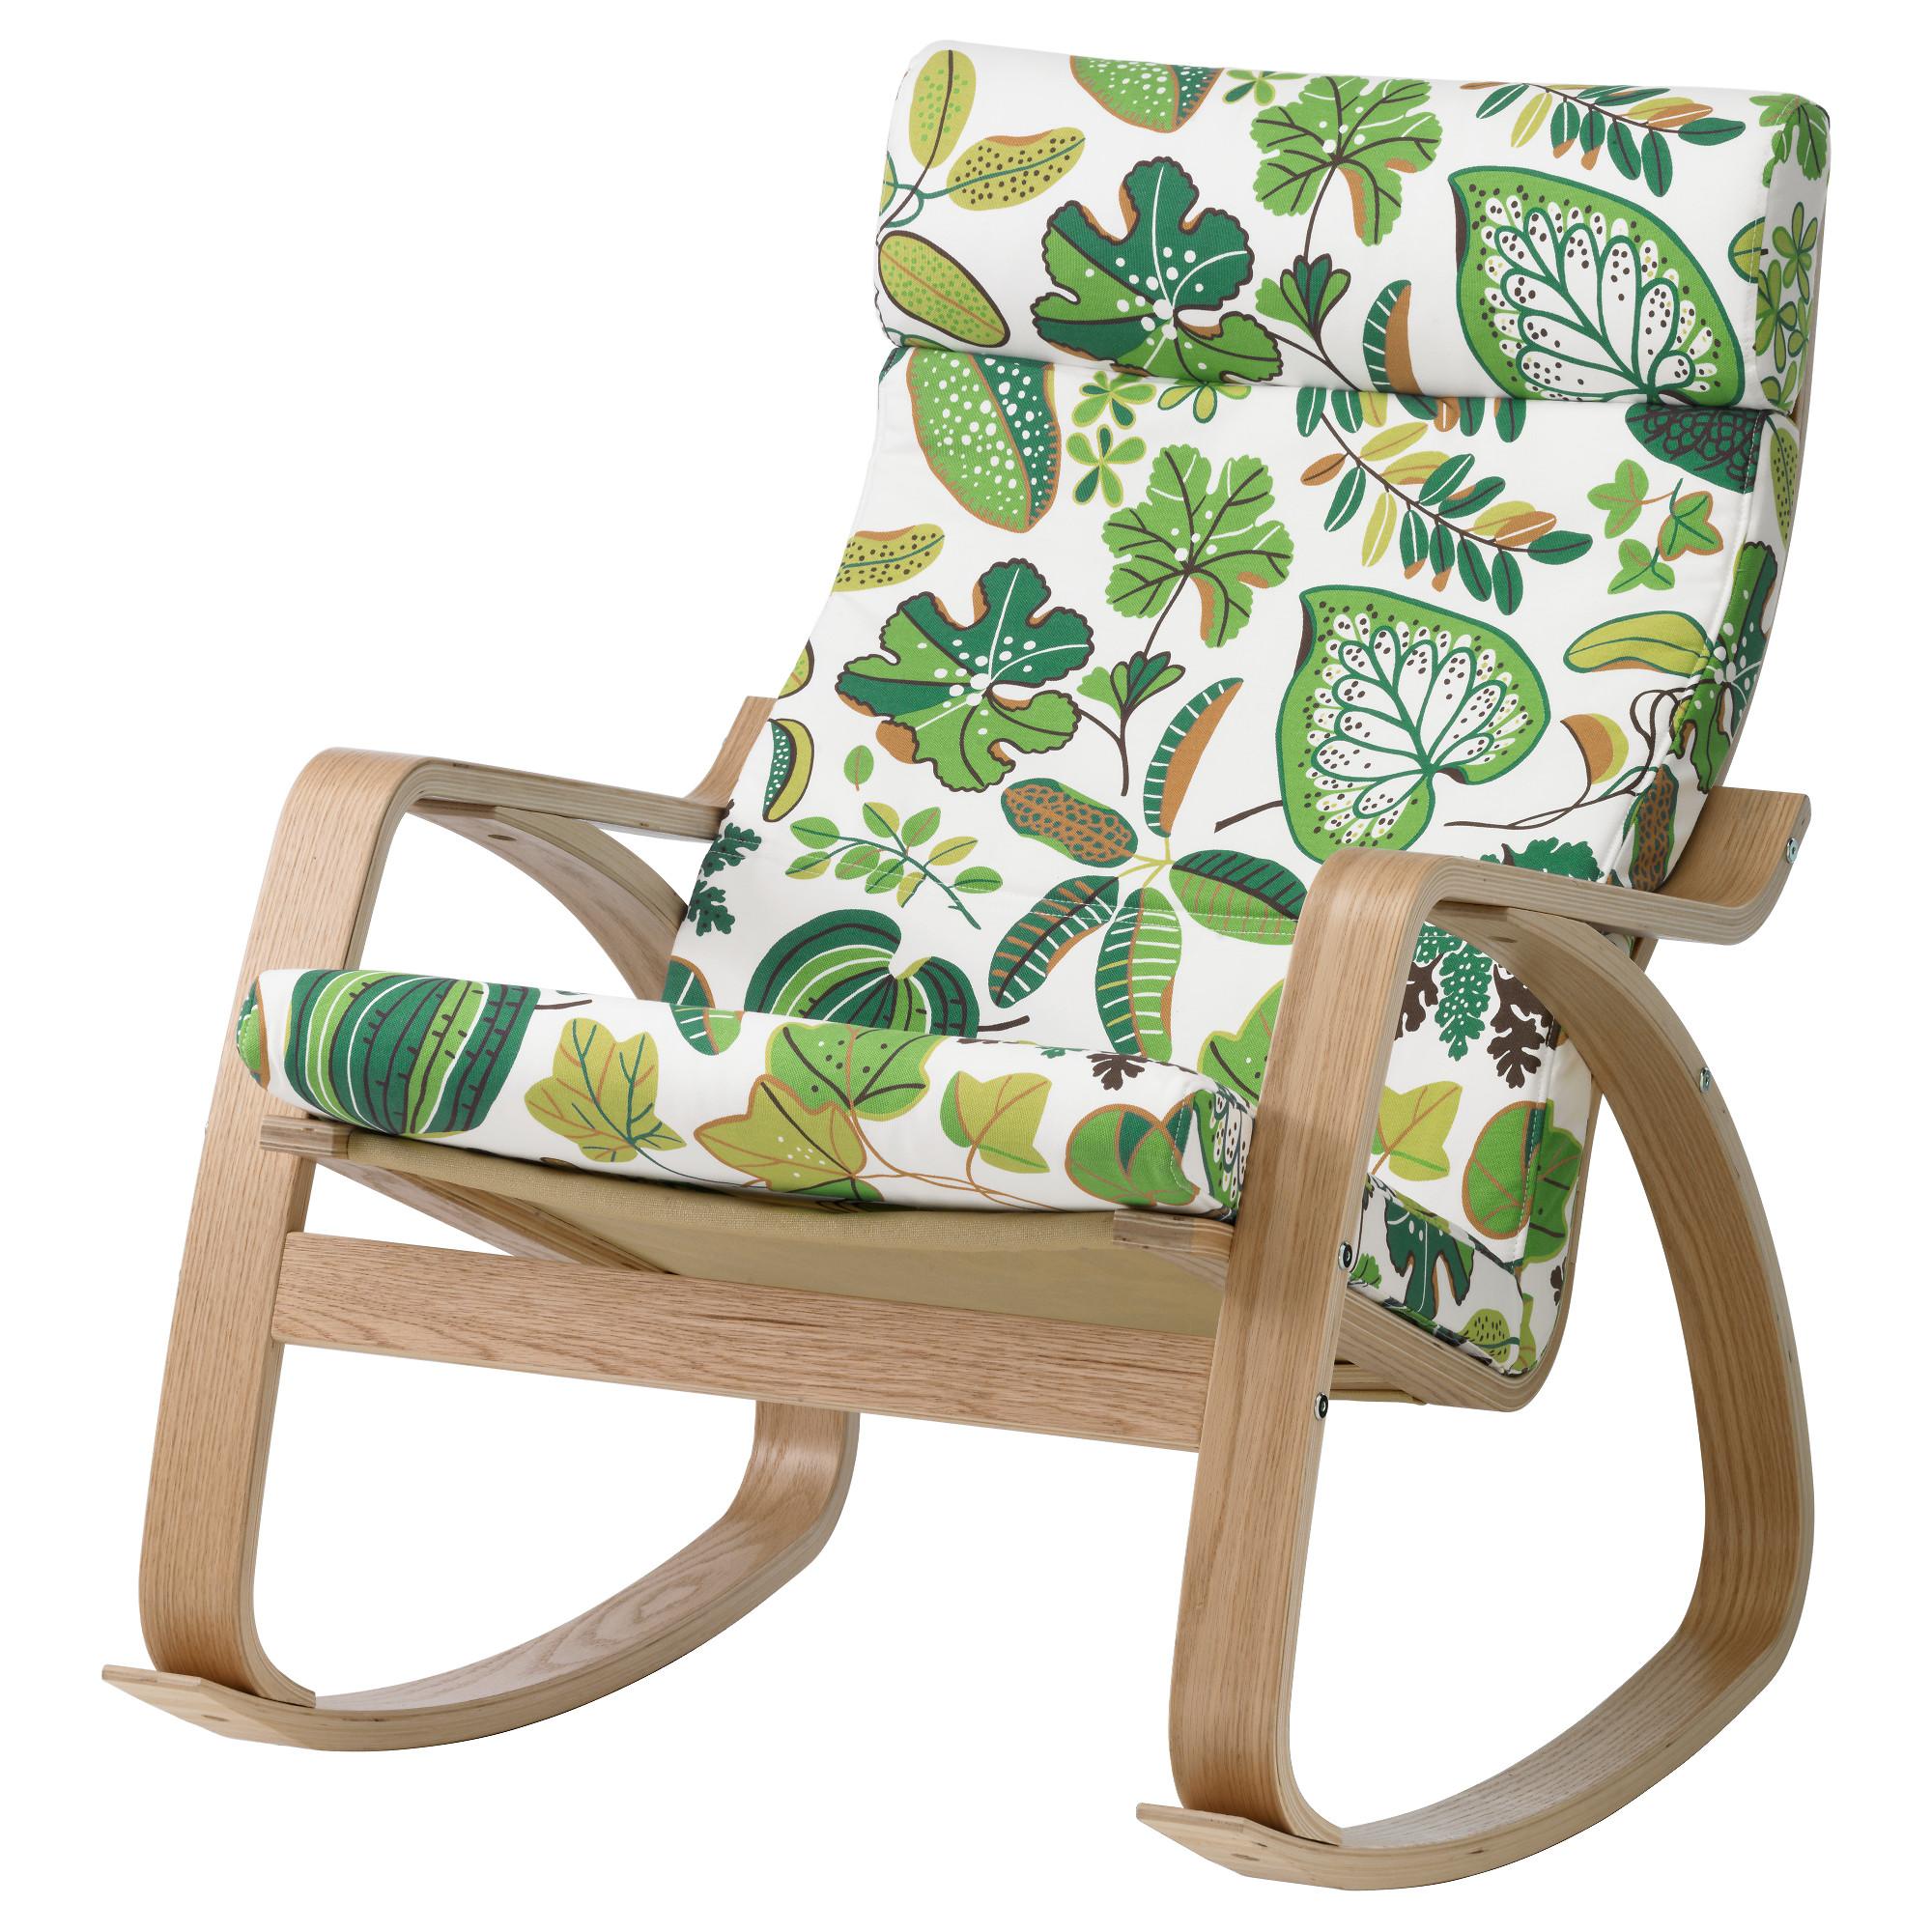 купить кресло качалка поэнг дубовый шпон симмарп зеленый в Ikea